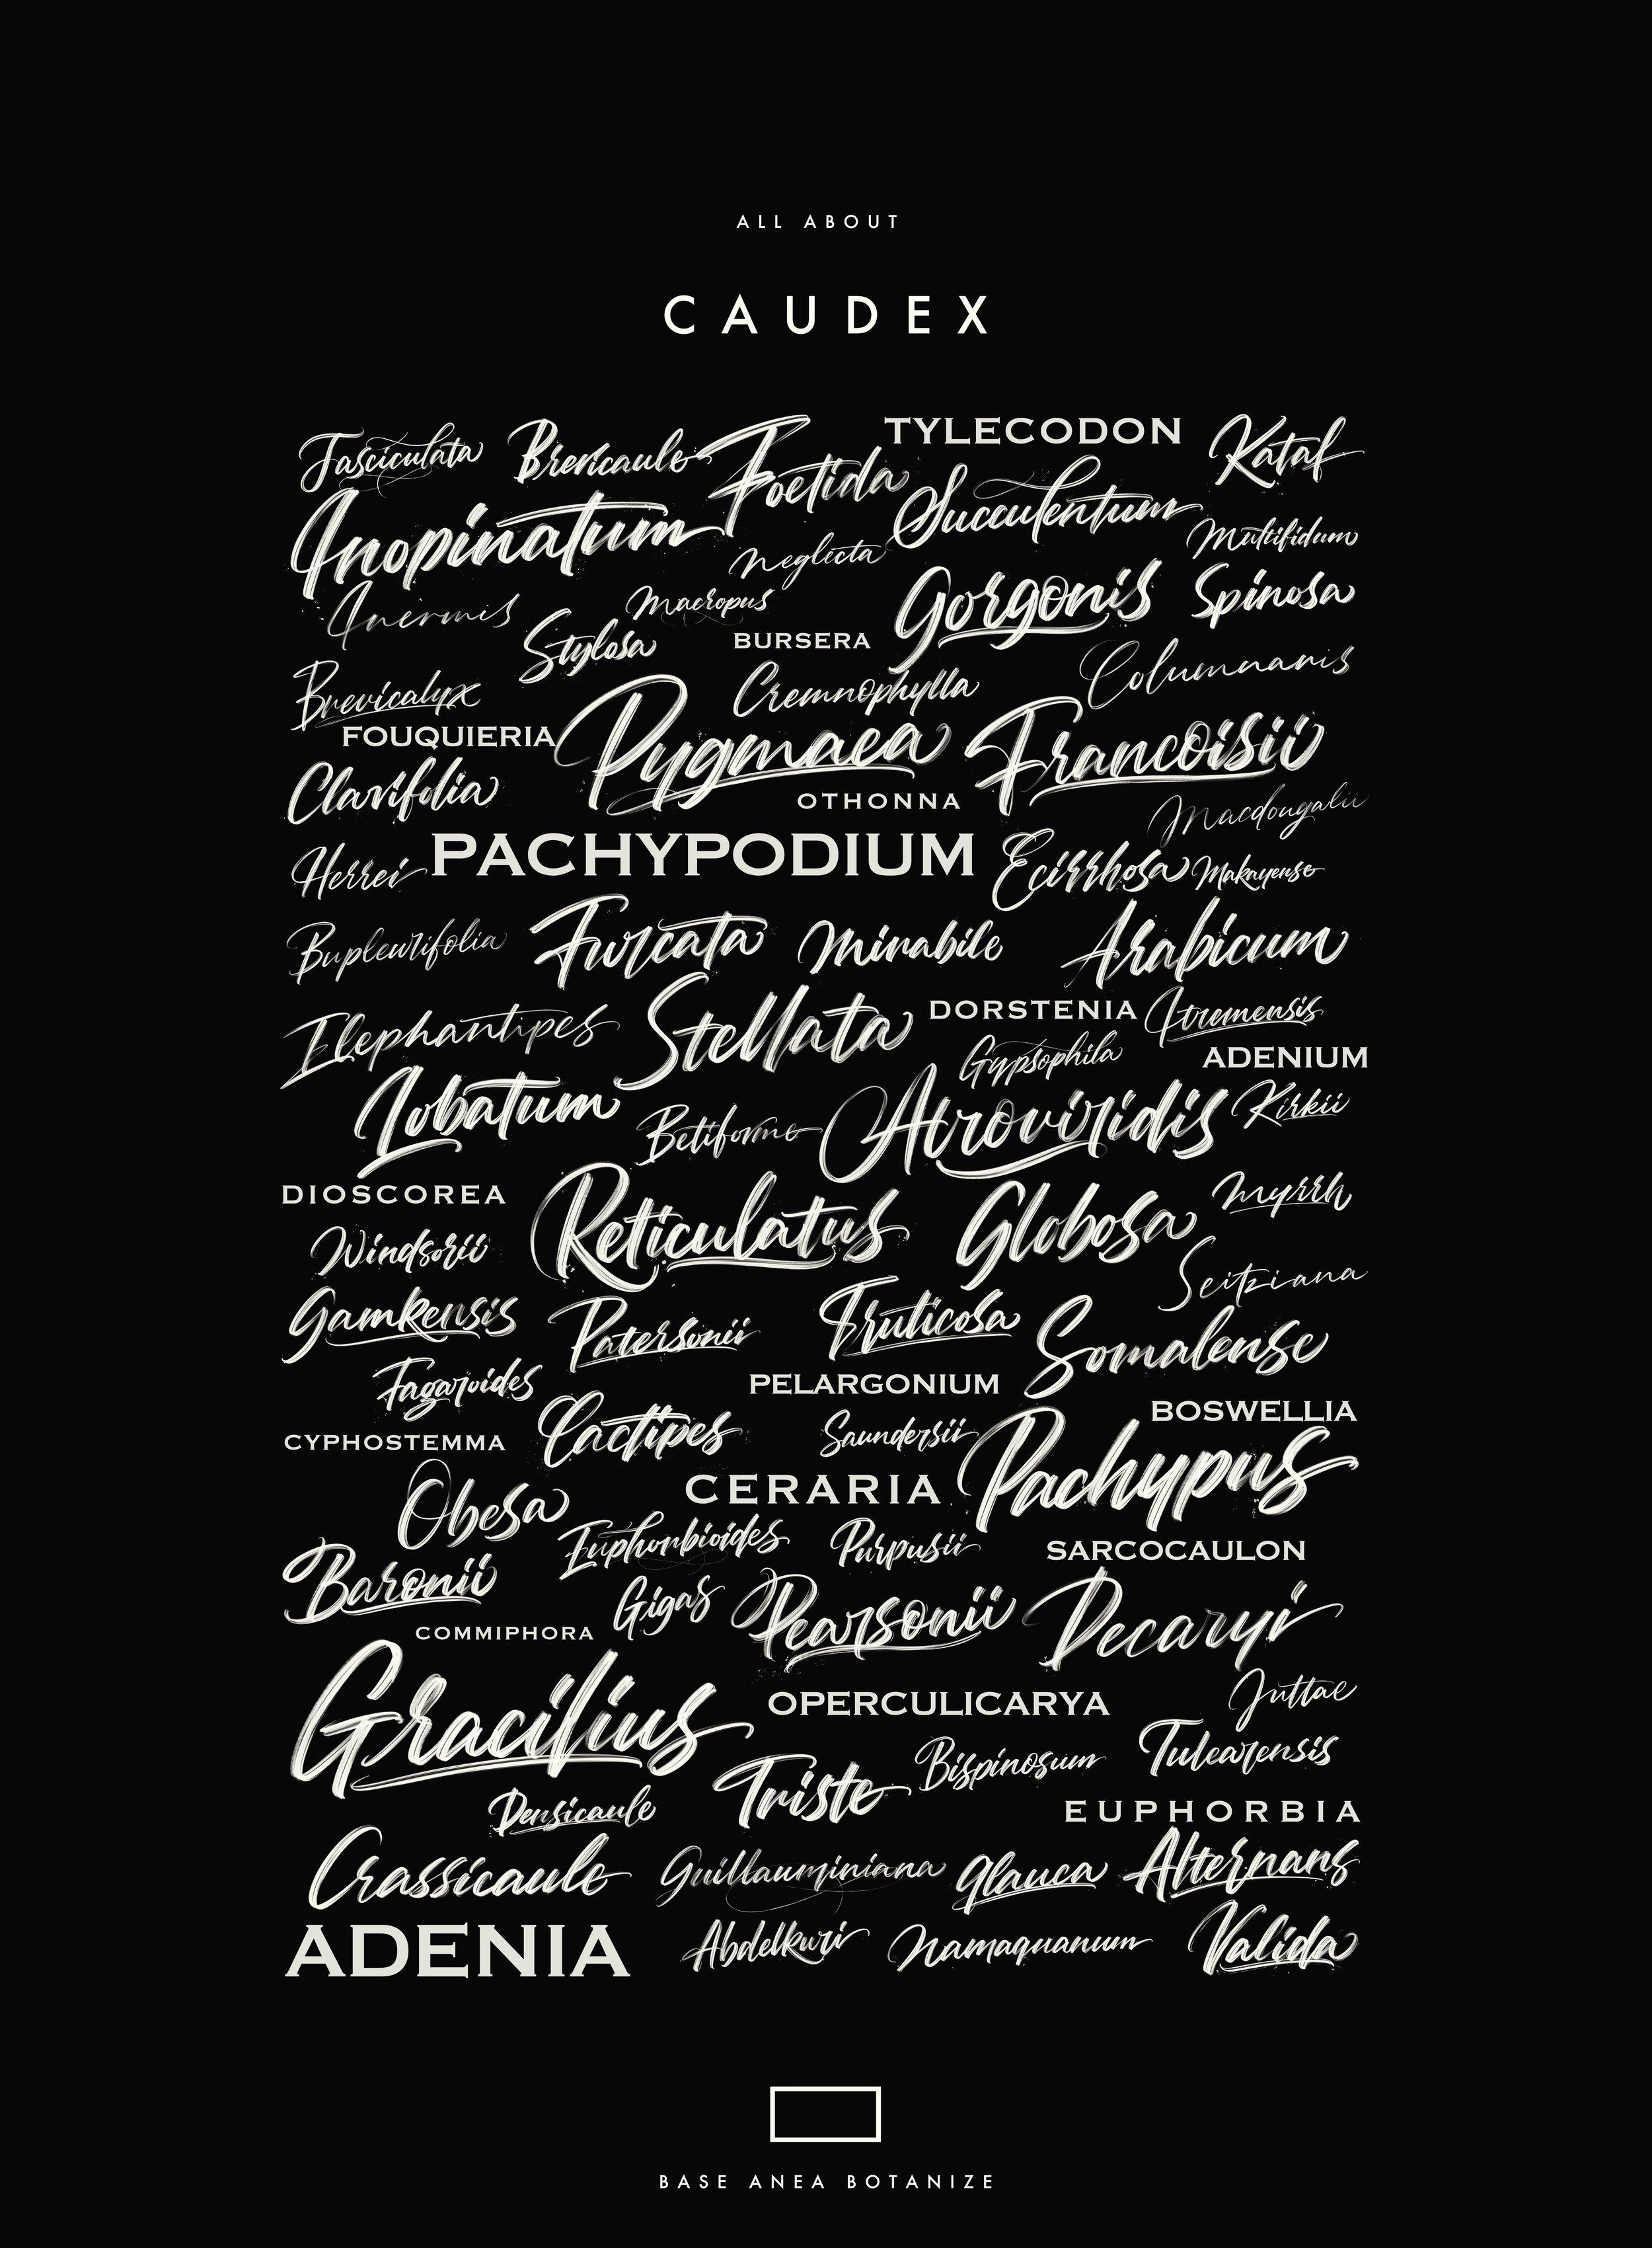 CAUDEX.JPG